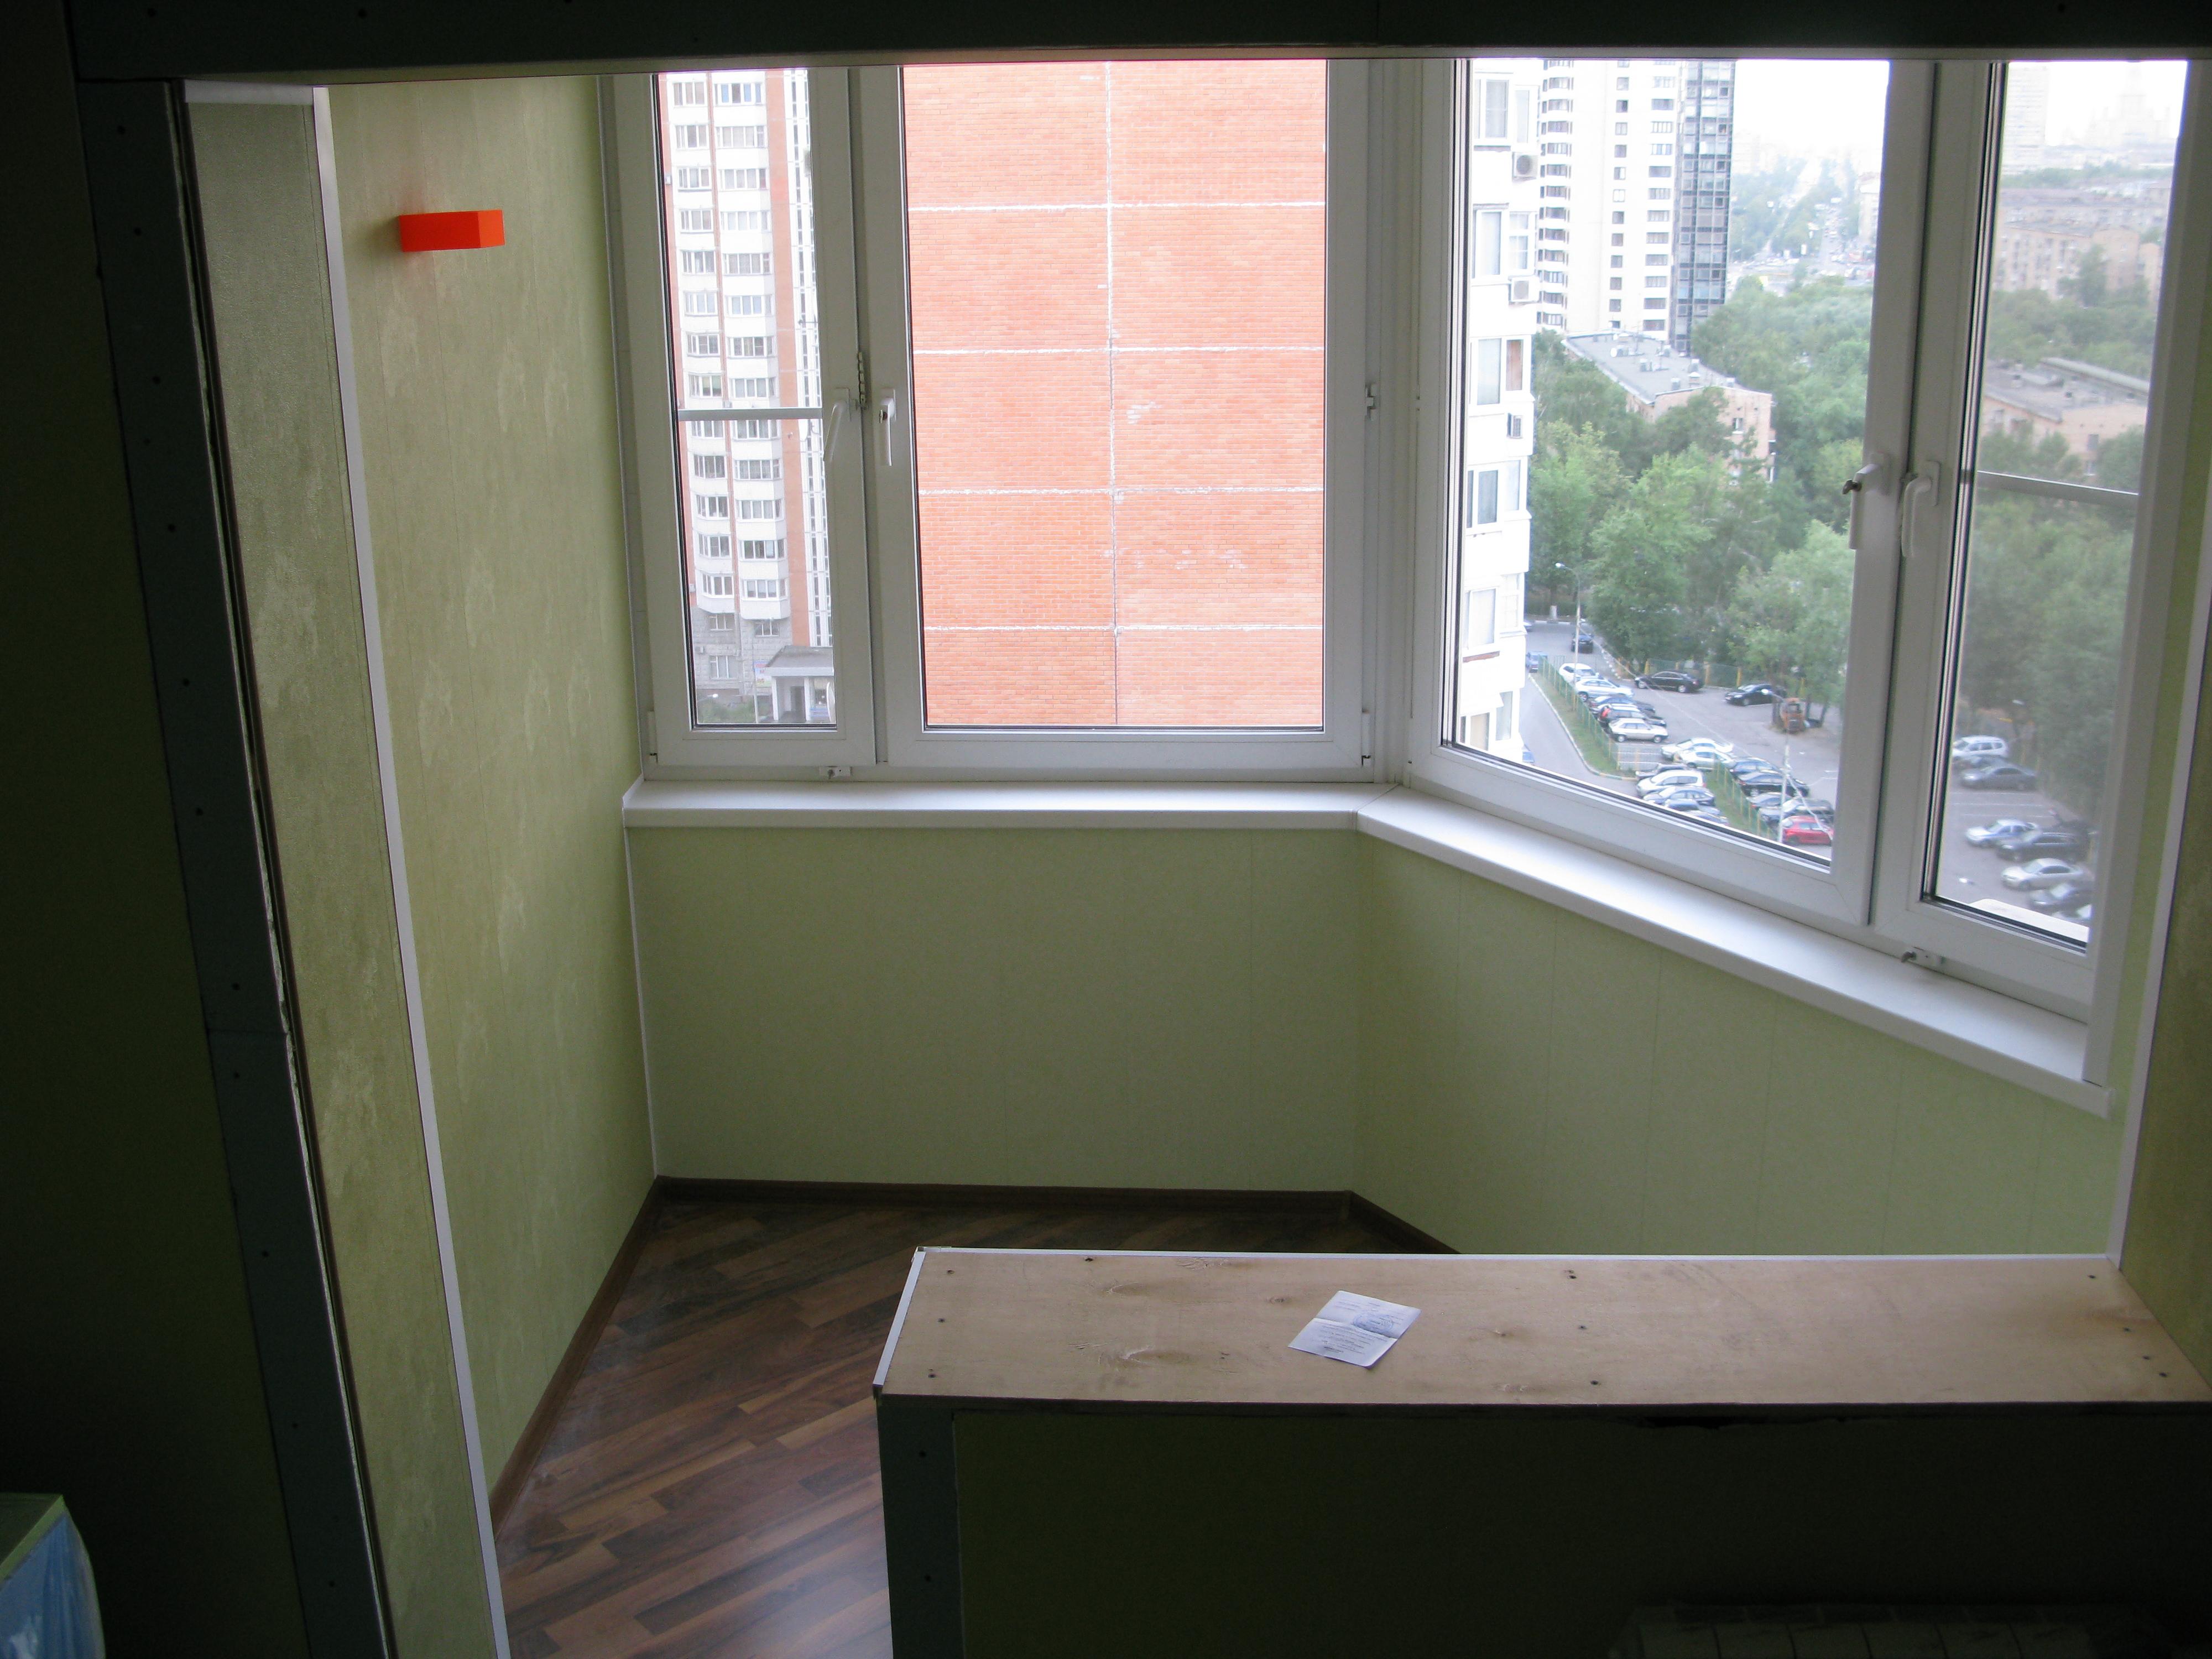 Объединение лоджии с жилым пространством : строительный сезо.